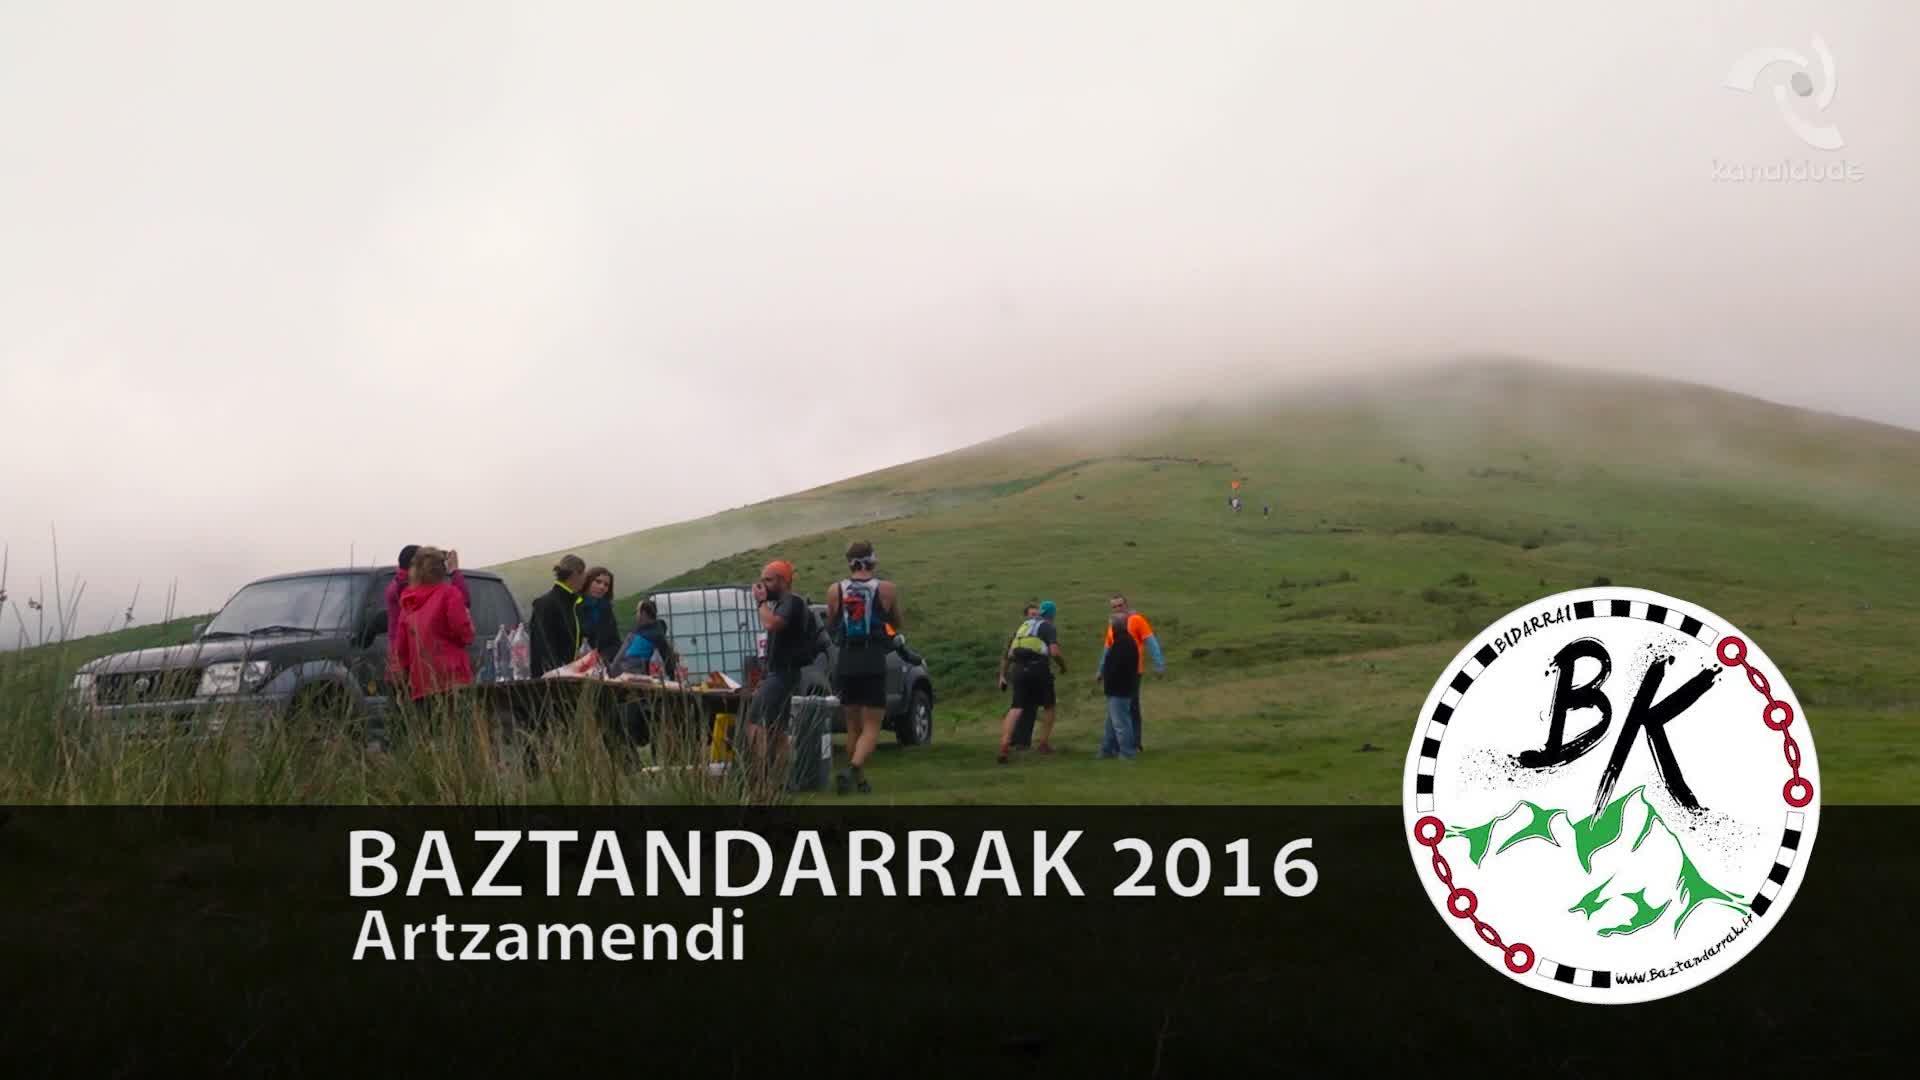 BAZTANDARRAK 2016 Artzamendi